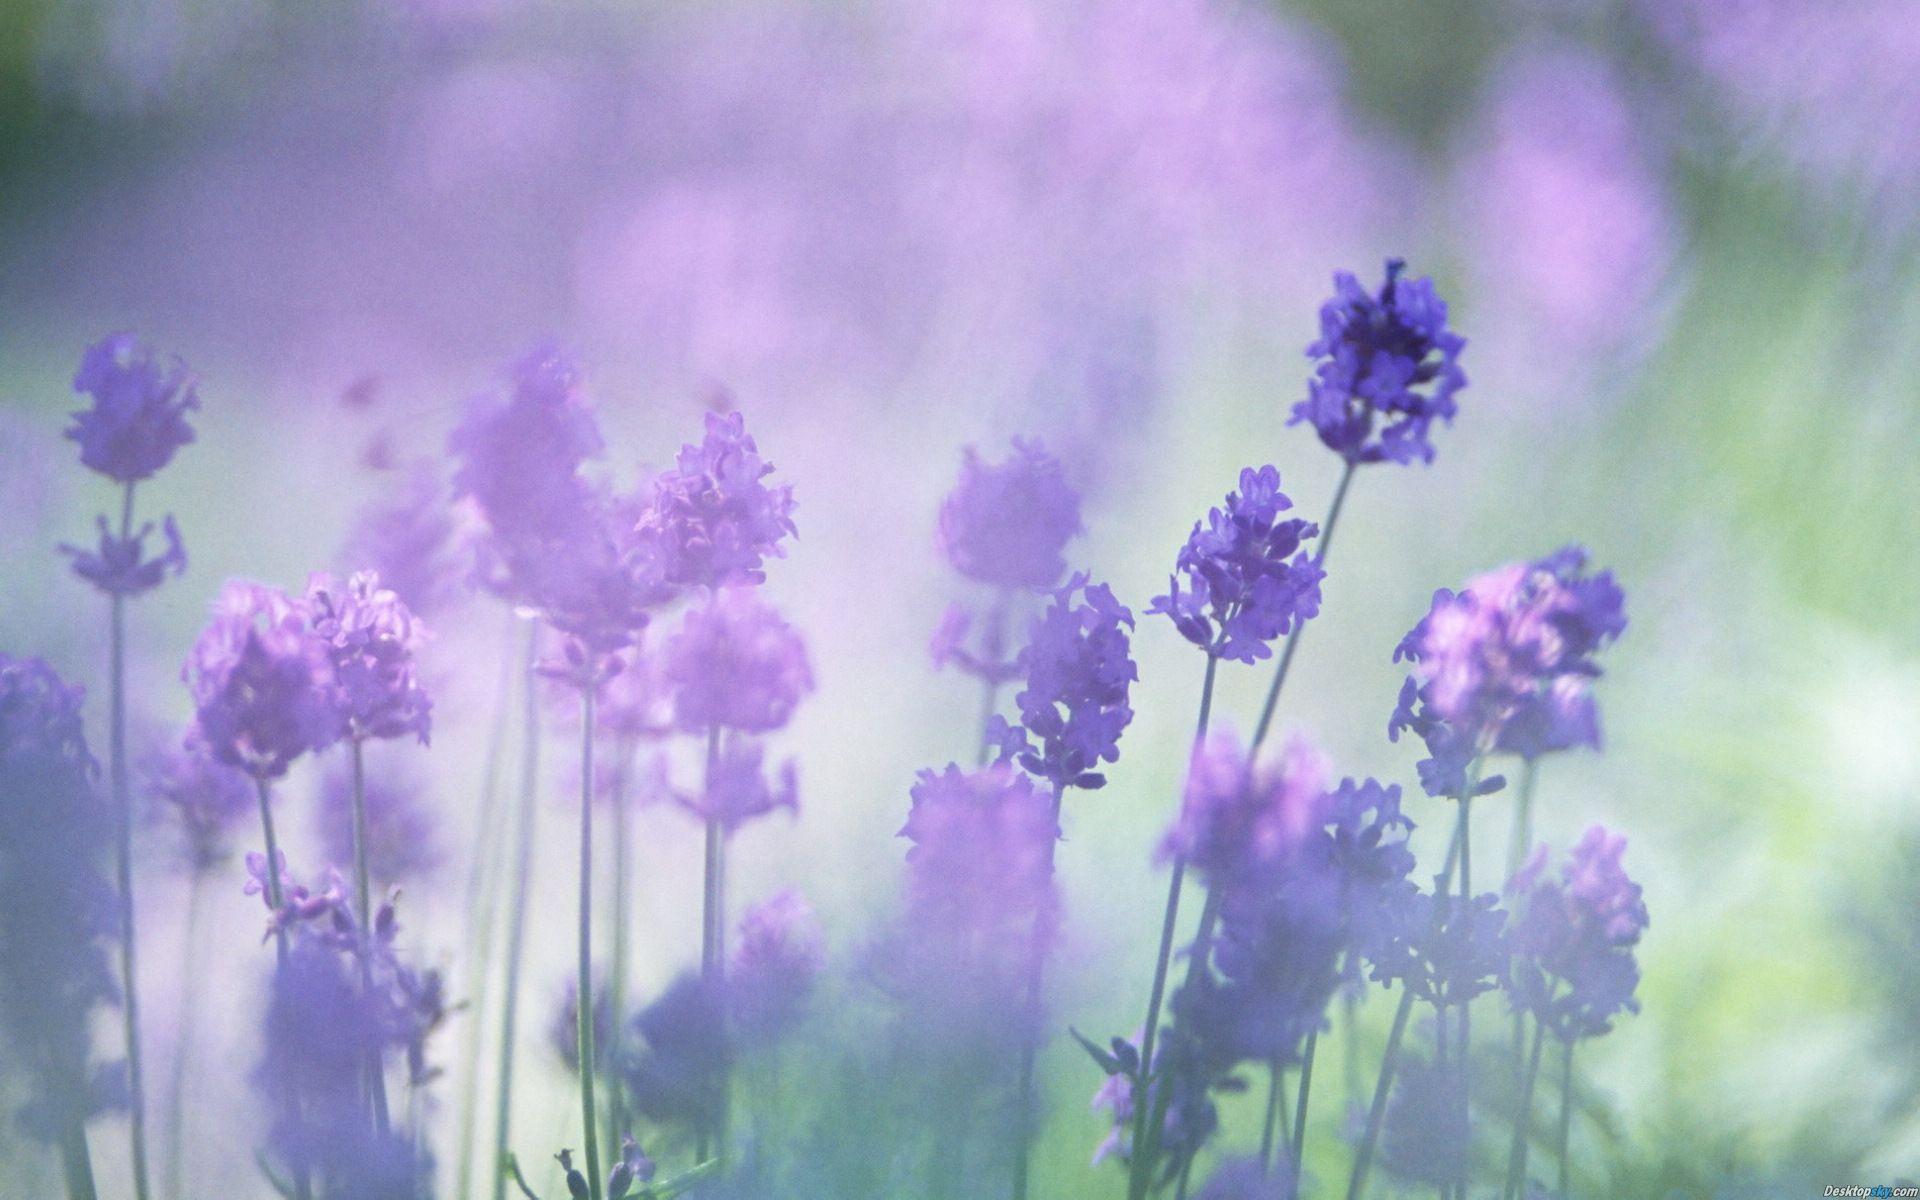 19 Hình ảnh Hoa Màu Tím đẹp Làm Hình Nền đẹp Hình ảnh Màu